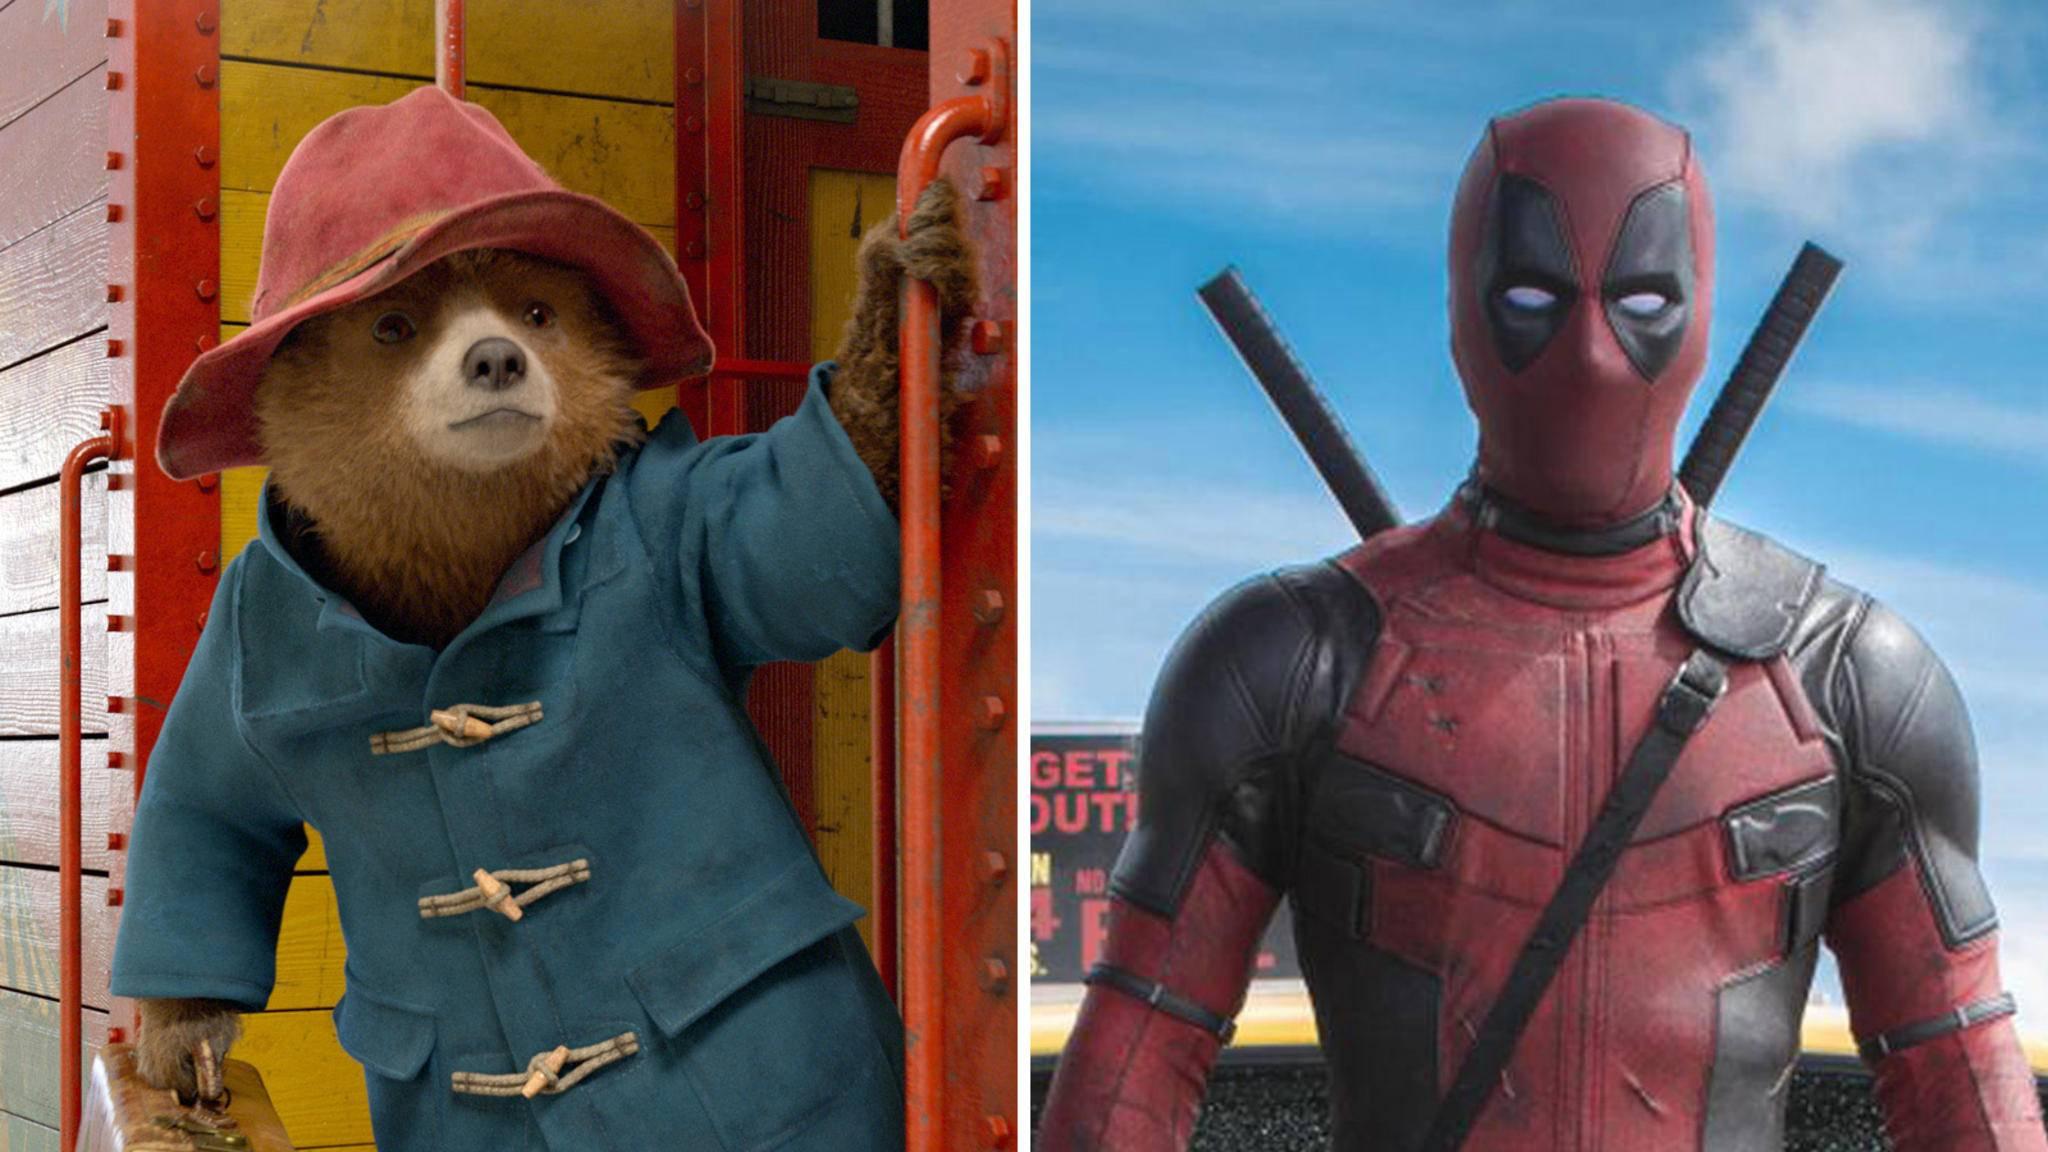 Kein Witz: Das wohl schrägste Twitter-Duell aller Zeiten liefern sich aktuell Paddington Bär und Deadpool.